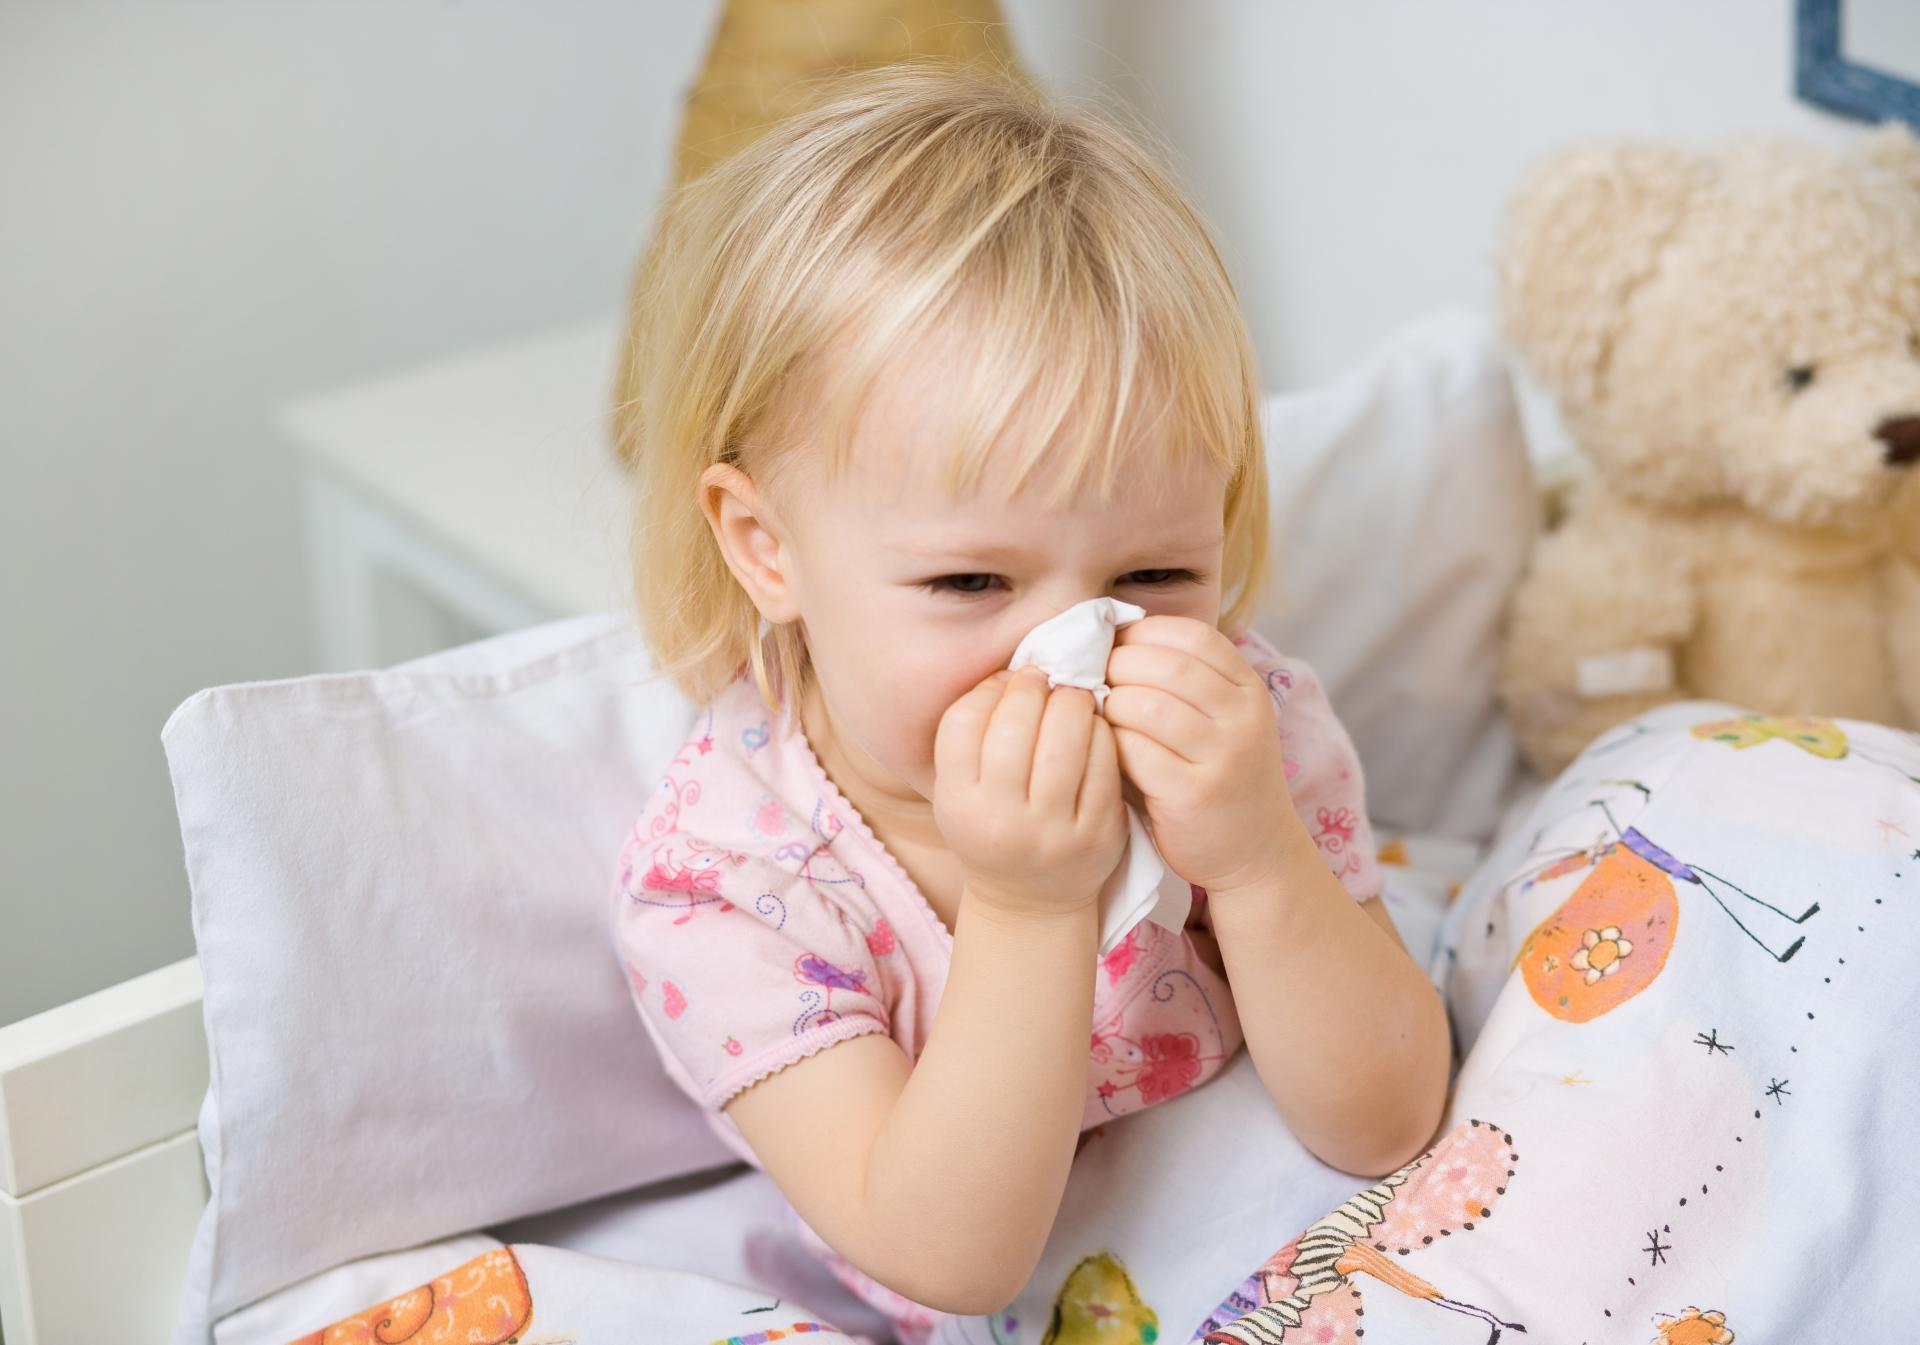 Болезнь сопровождается заложенностью носа, в результате чего малышу приходится дышать через рот. Если ОРЗ осложняется воспалением в области горла, апноэ становится более отчетливым.